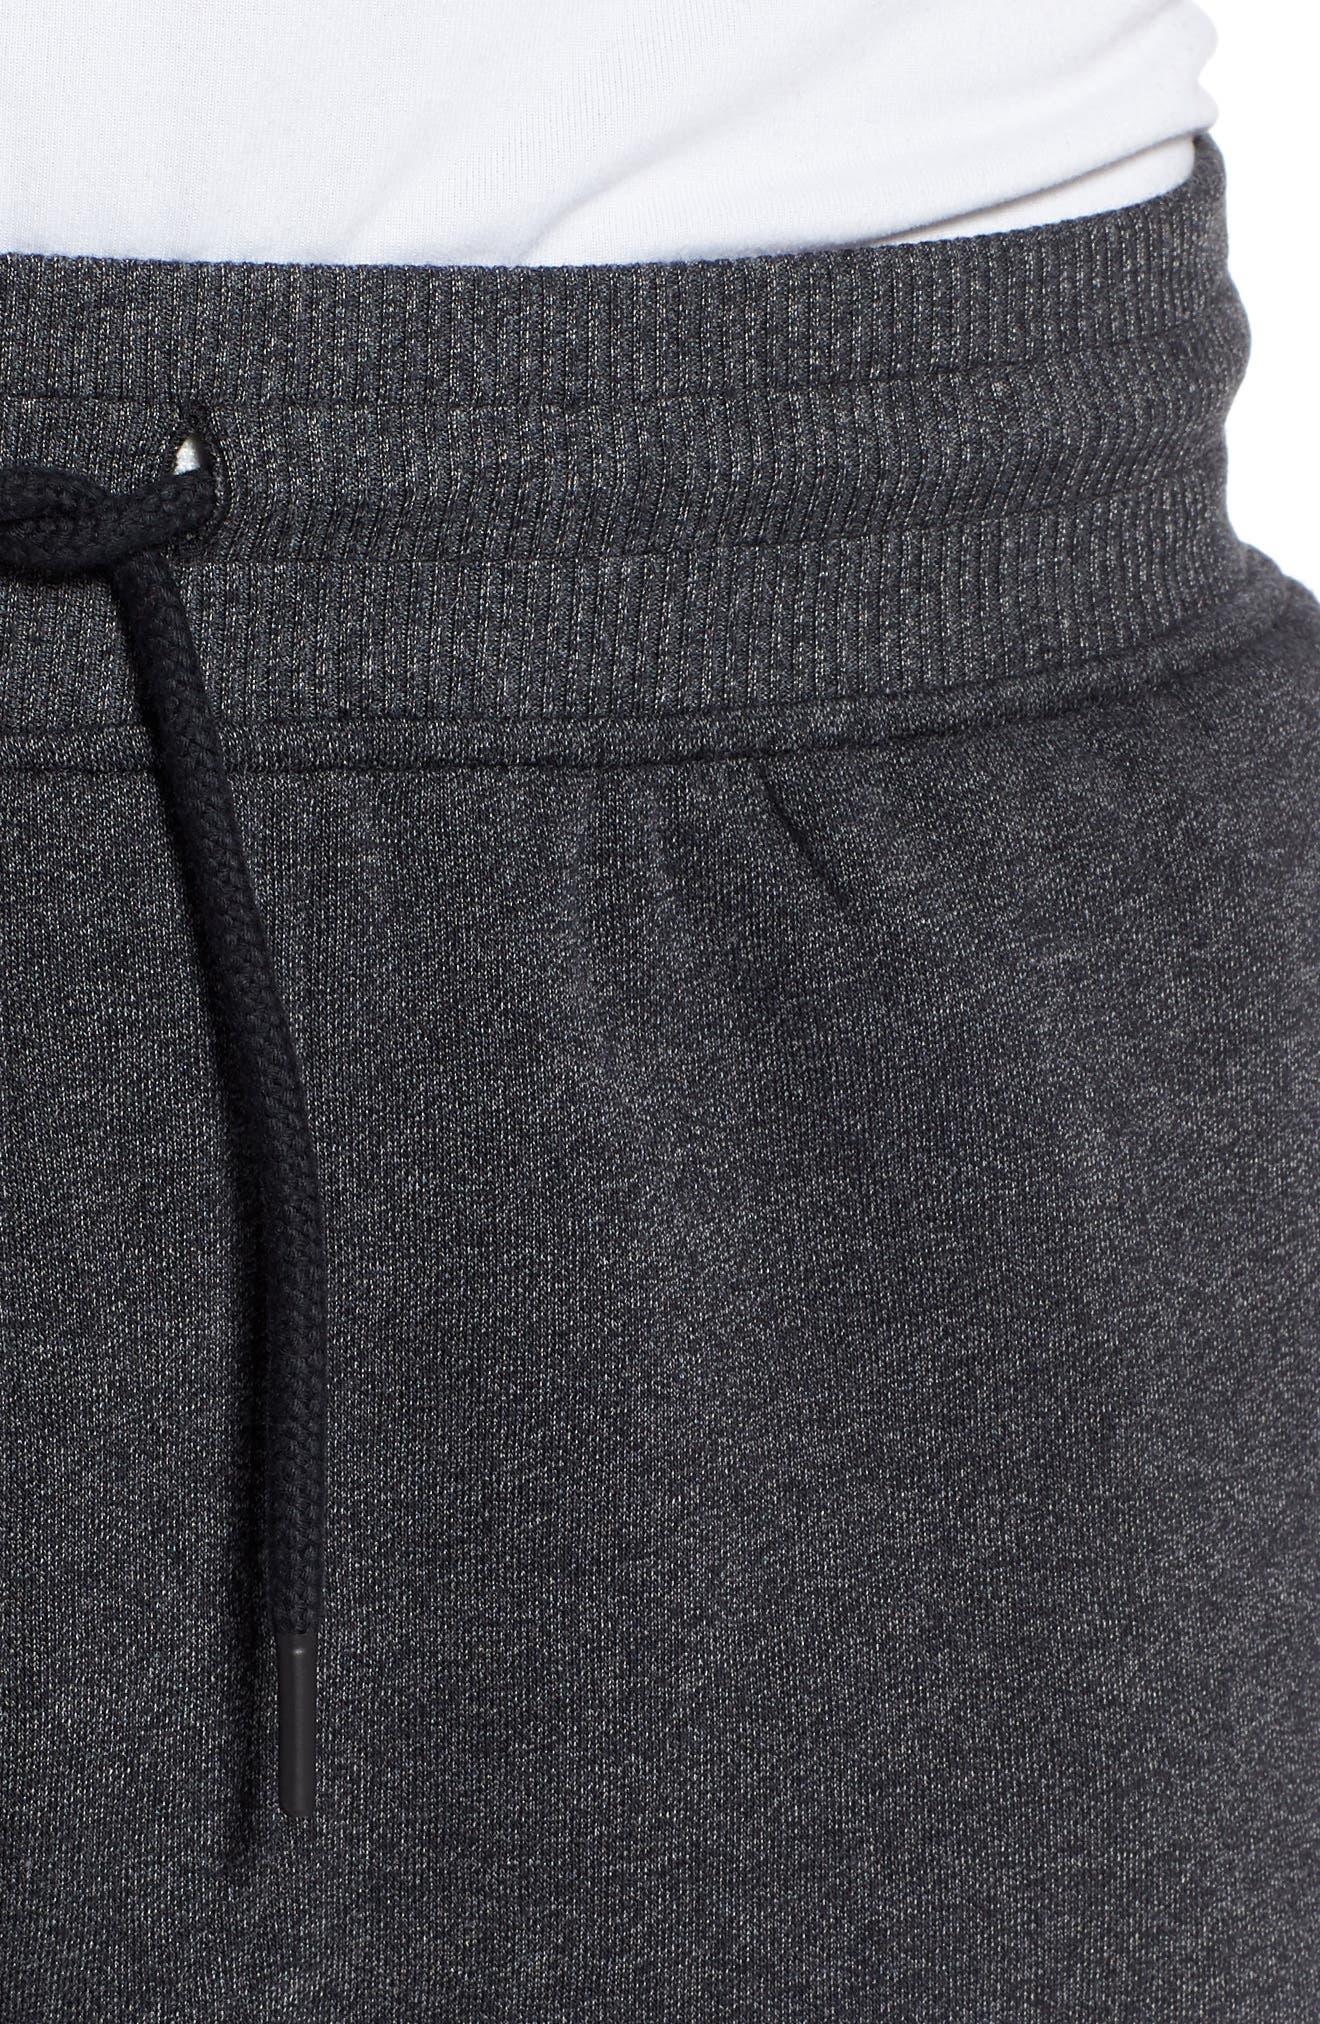 Threadborne Jogger Pants,                             Alternate thumbnail 4, color,                             BLACK/ BLACK